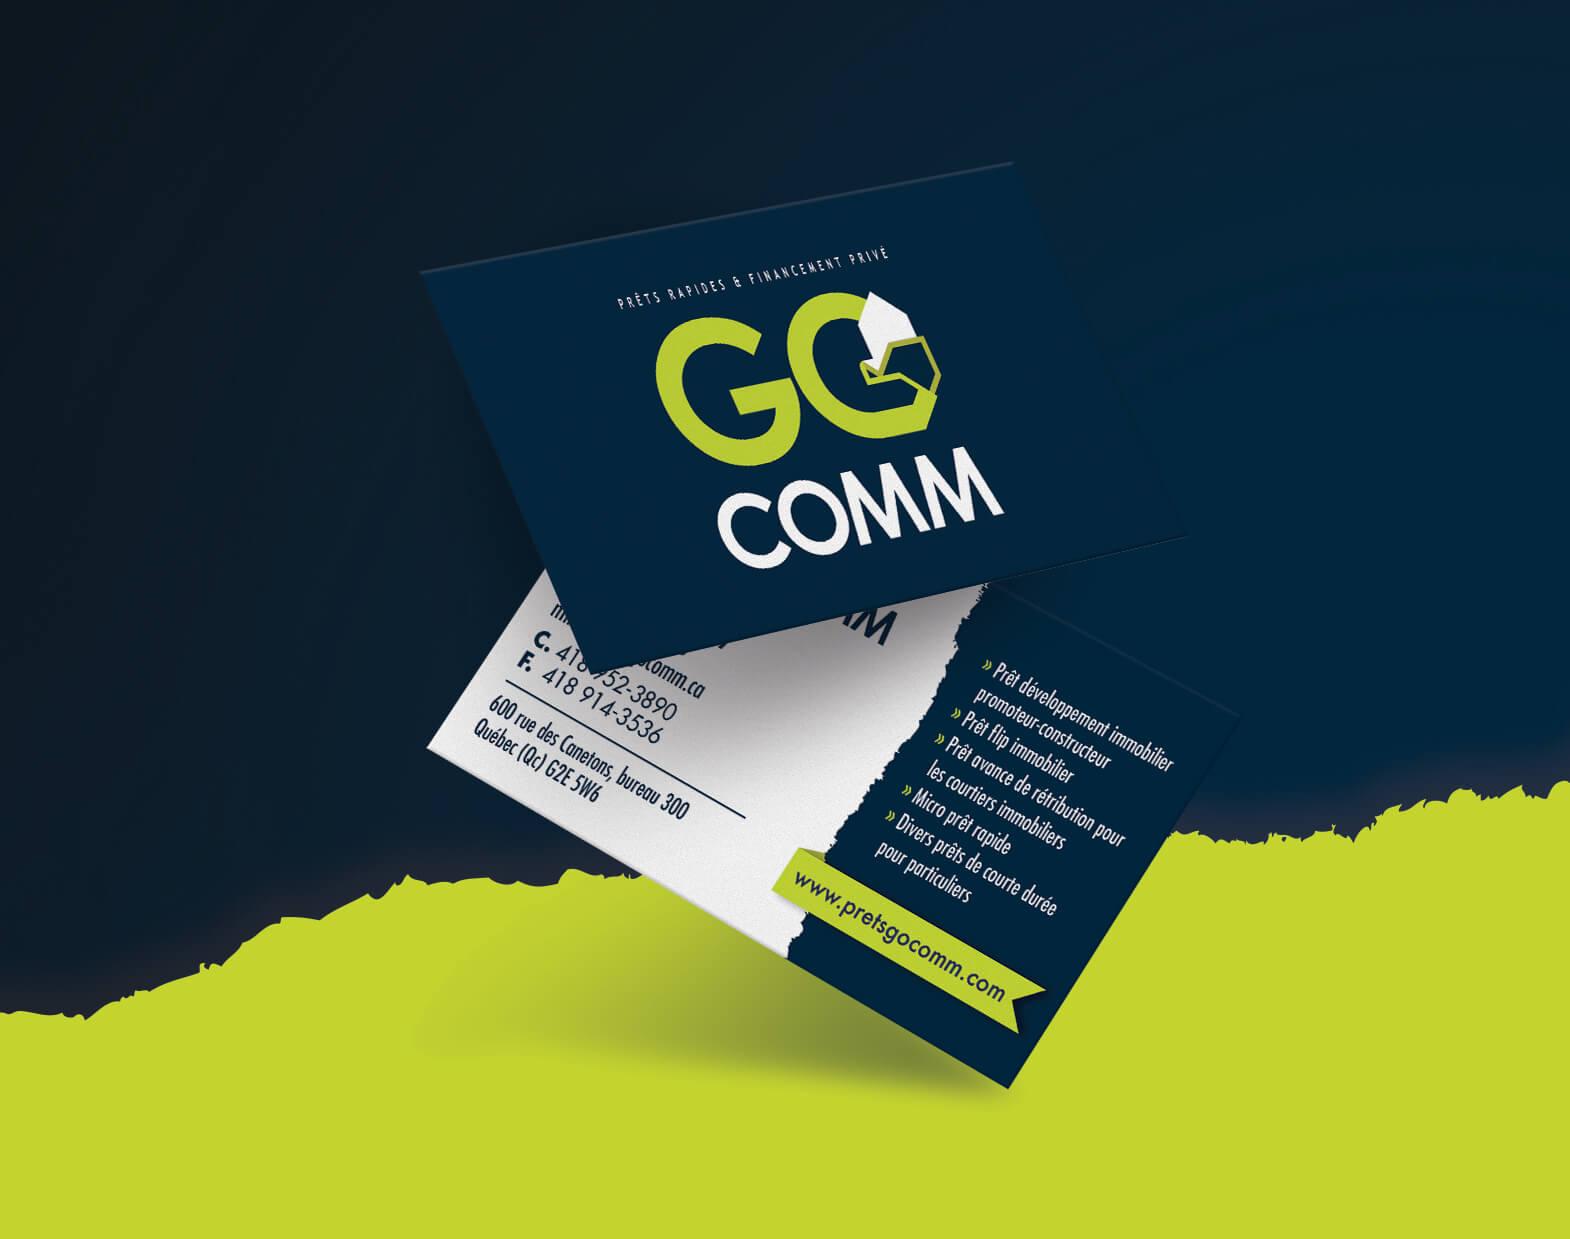 carte-affaires-prets-go-comm-graphisme-quebec-portfolio